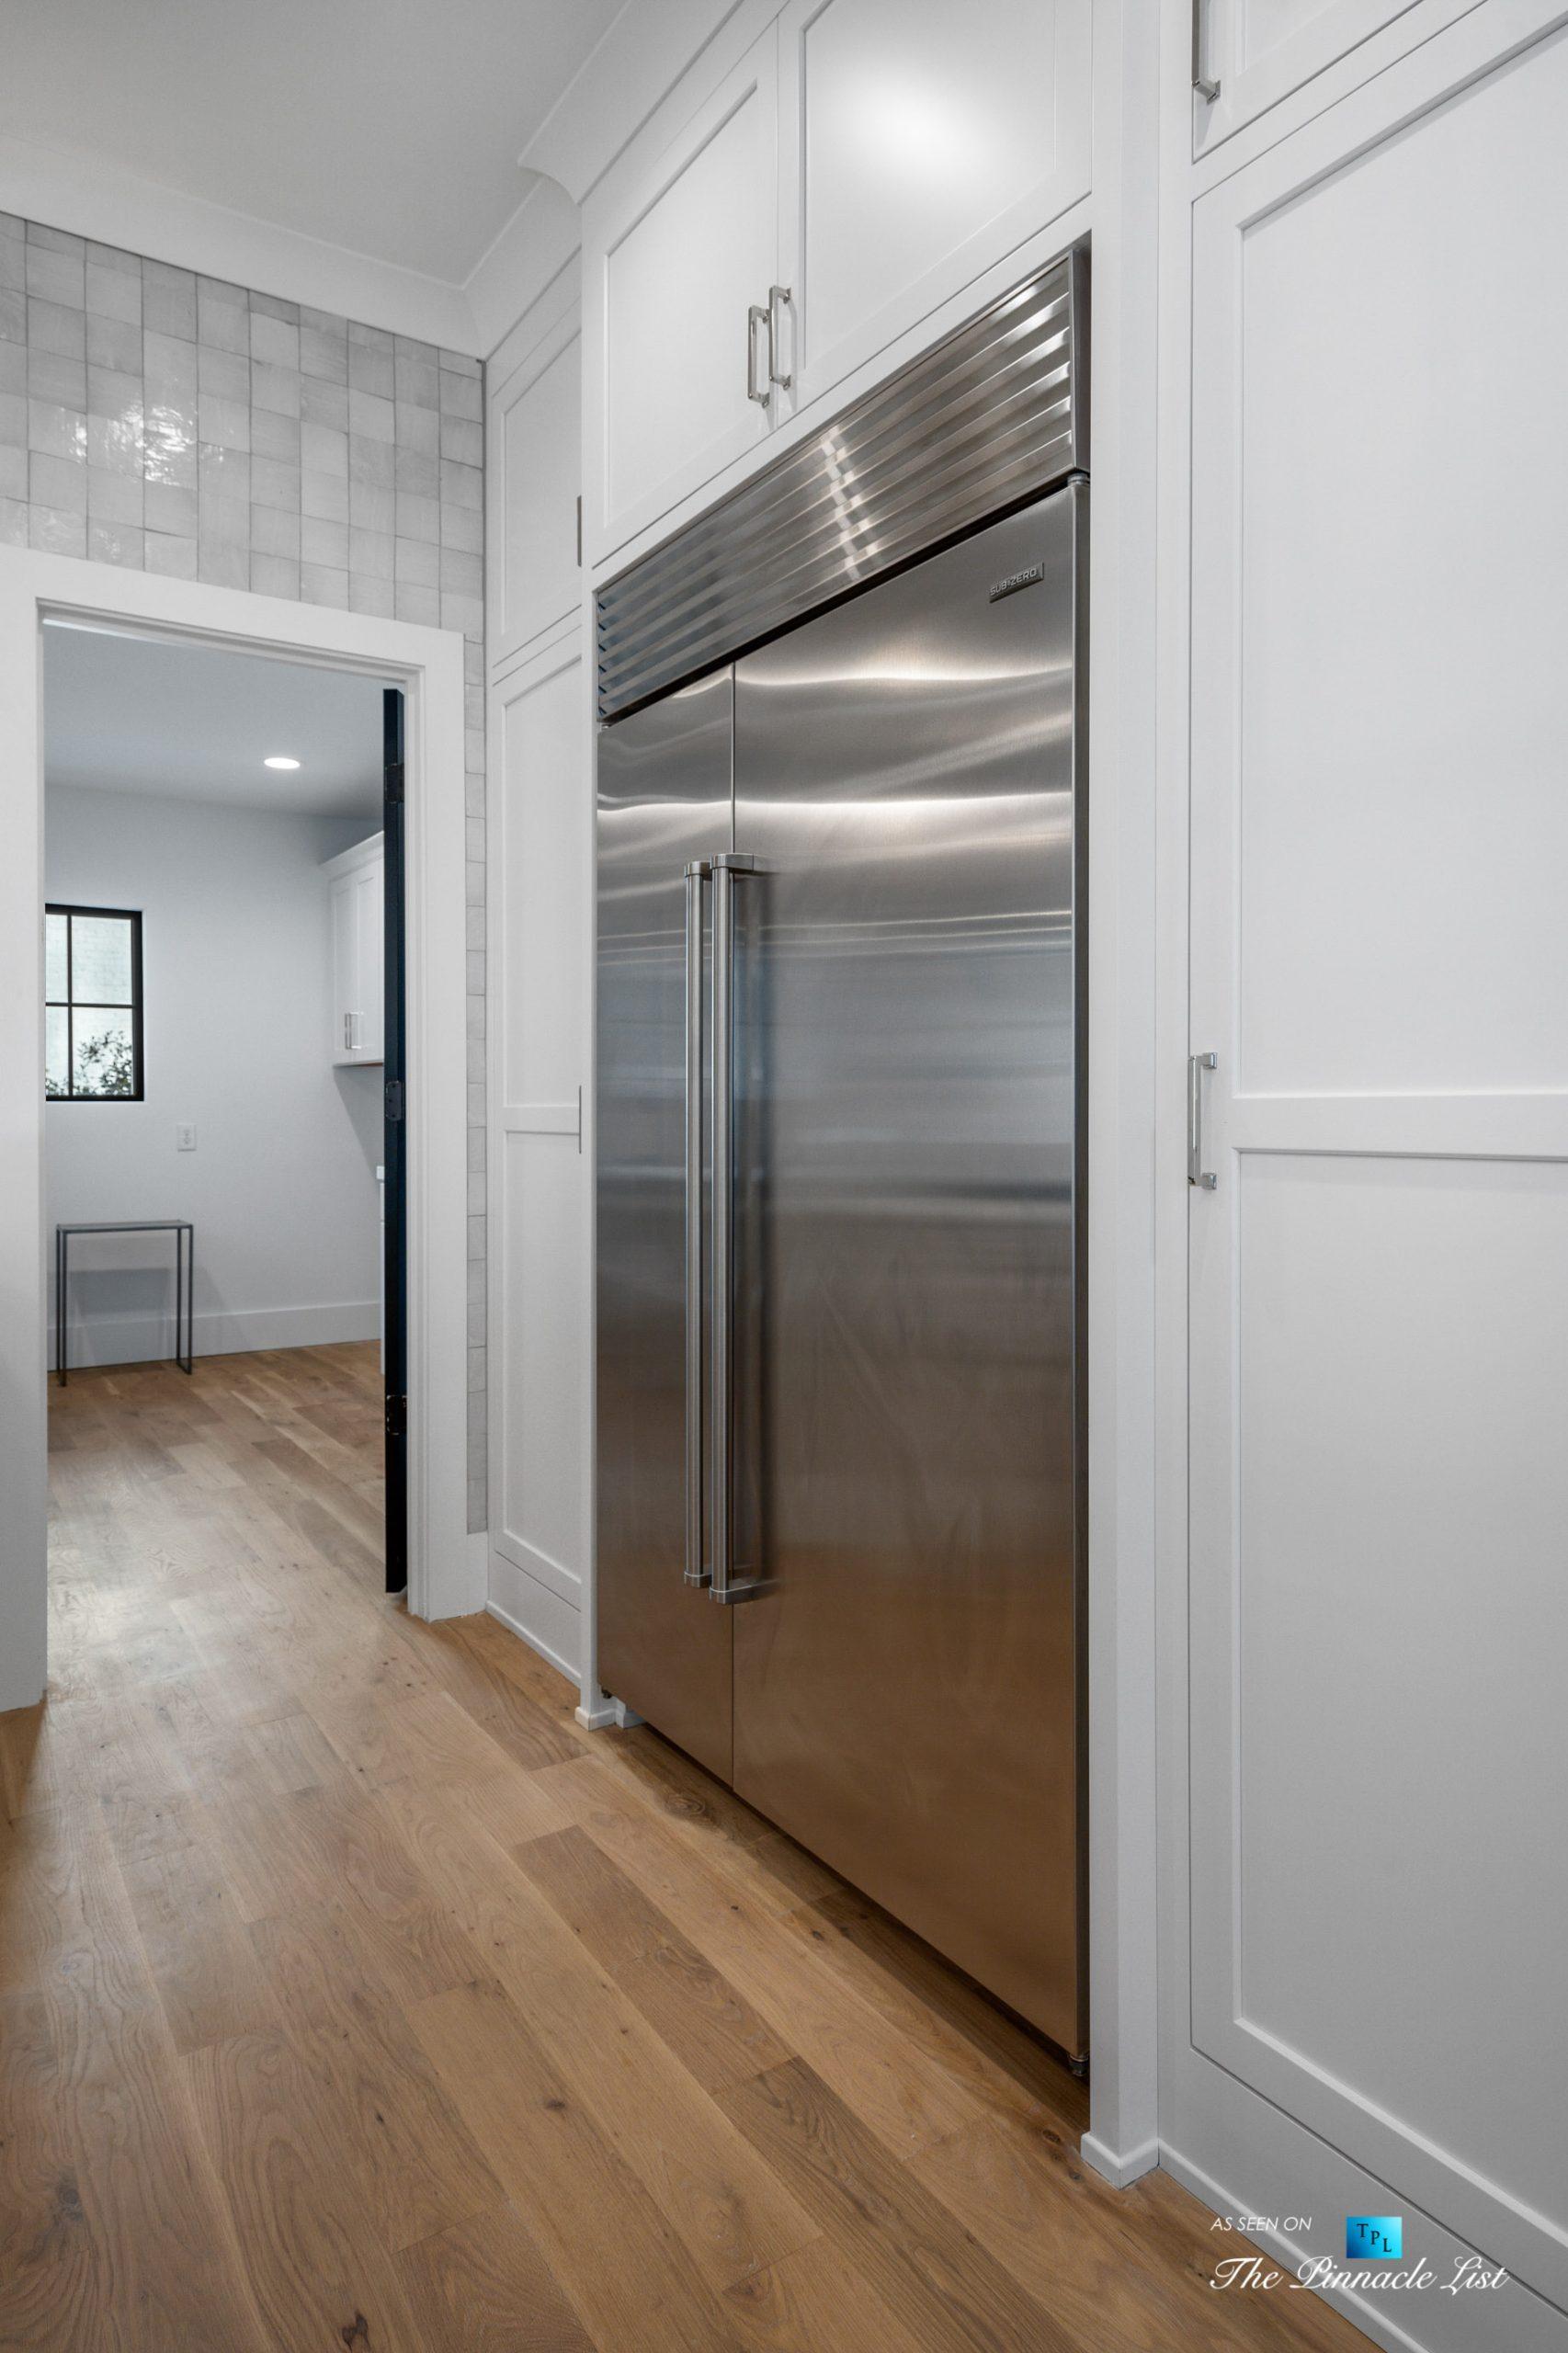 447 Valley Rd NW, Atlanta, GA, USA – Kitchen Fridge – Luxury Real Estate – Tuxedo Park Home